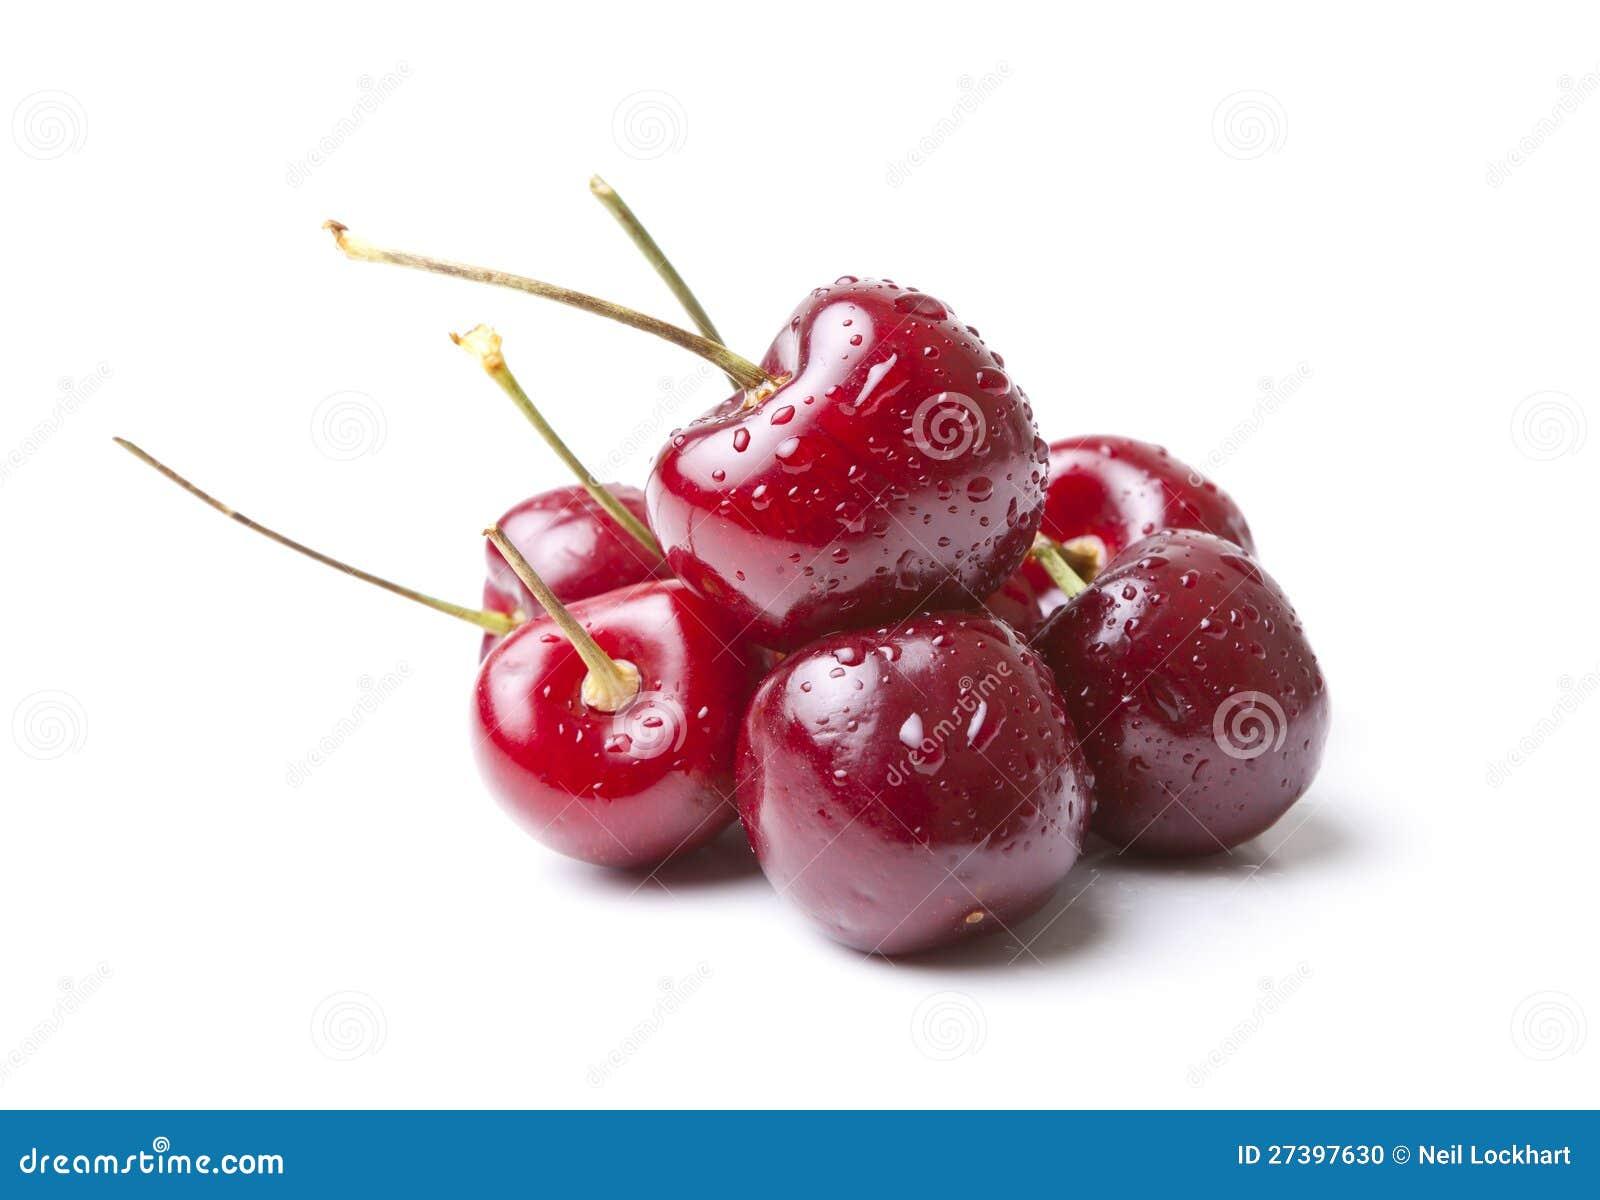 6 Cherries